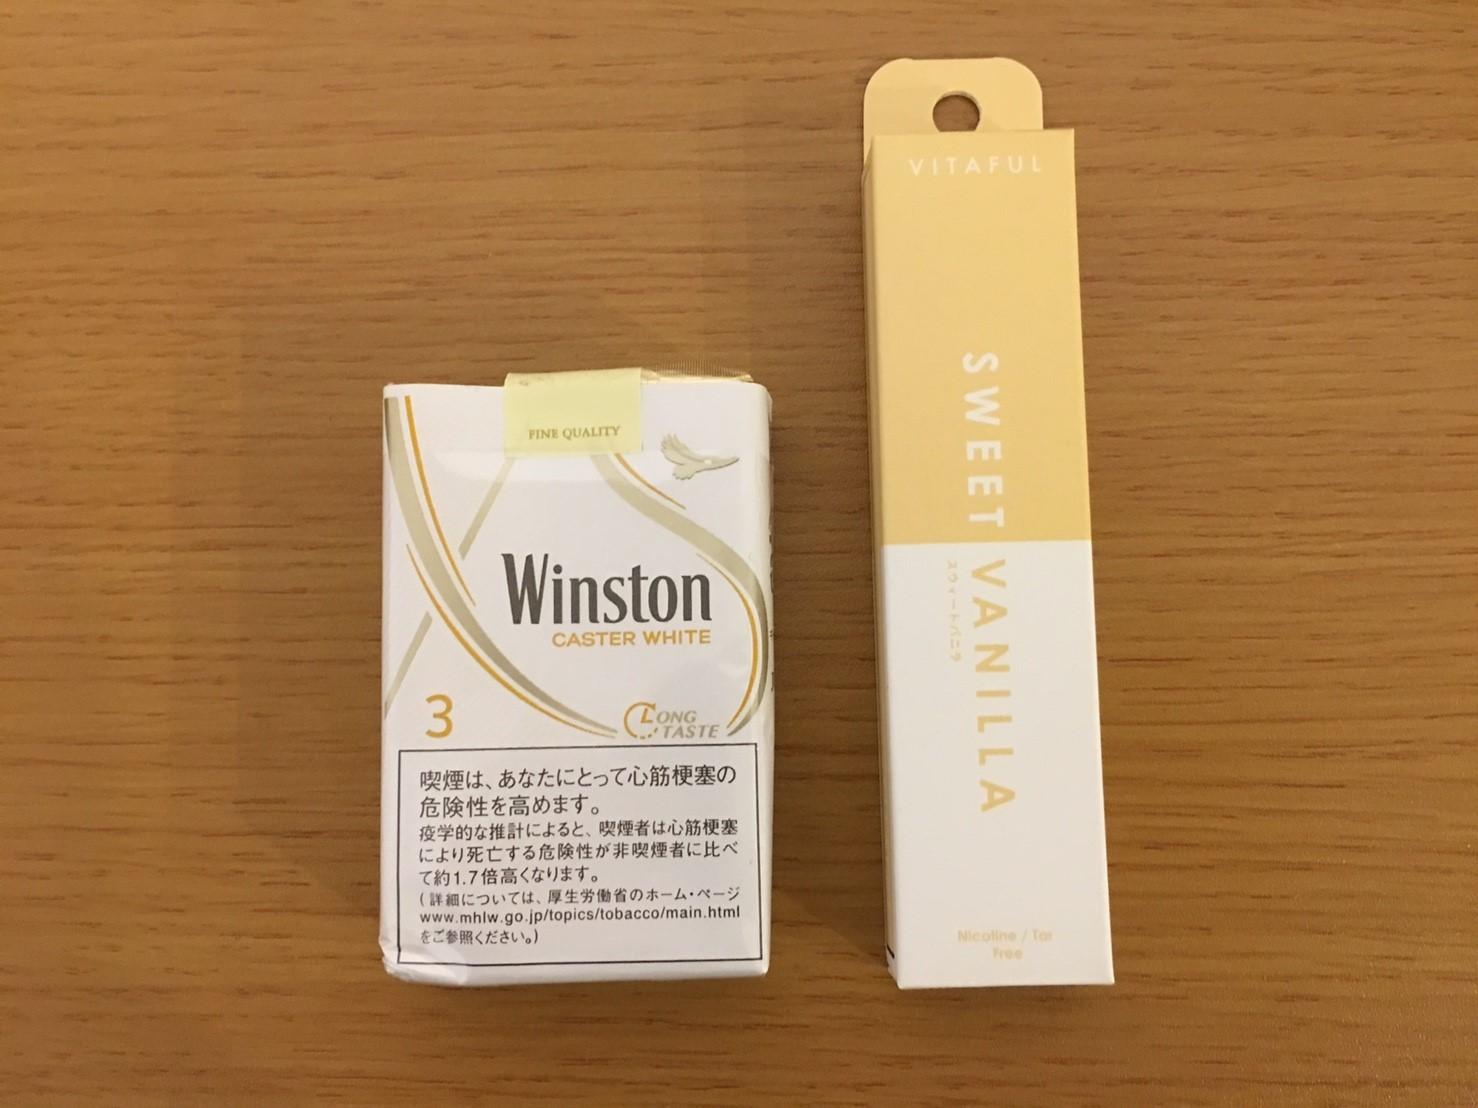 ビタフルとタバコの比較